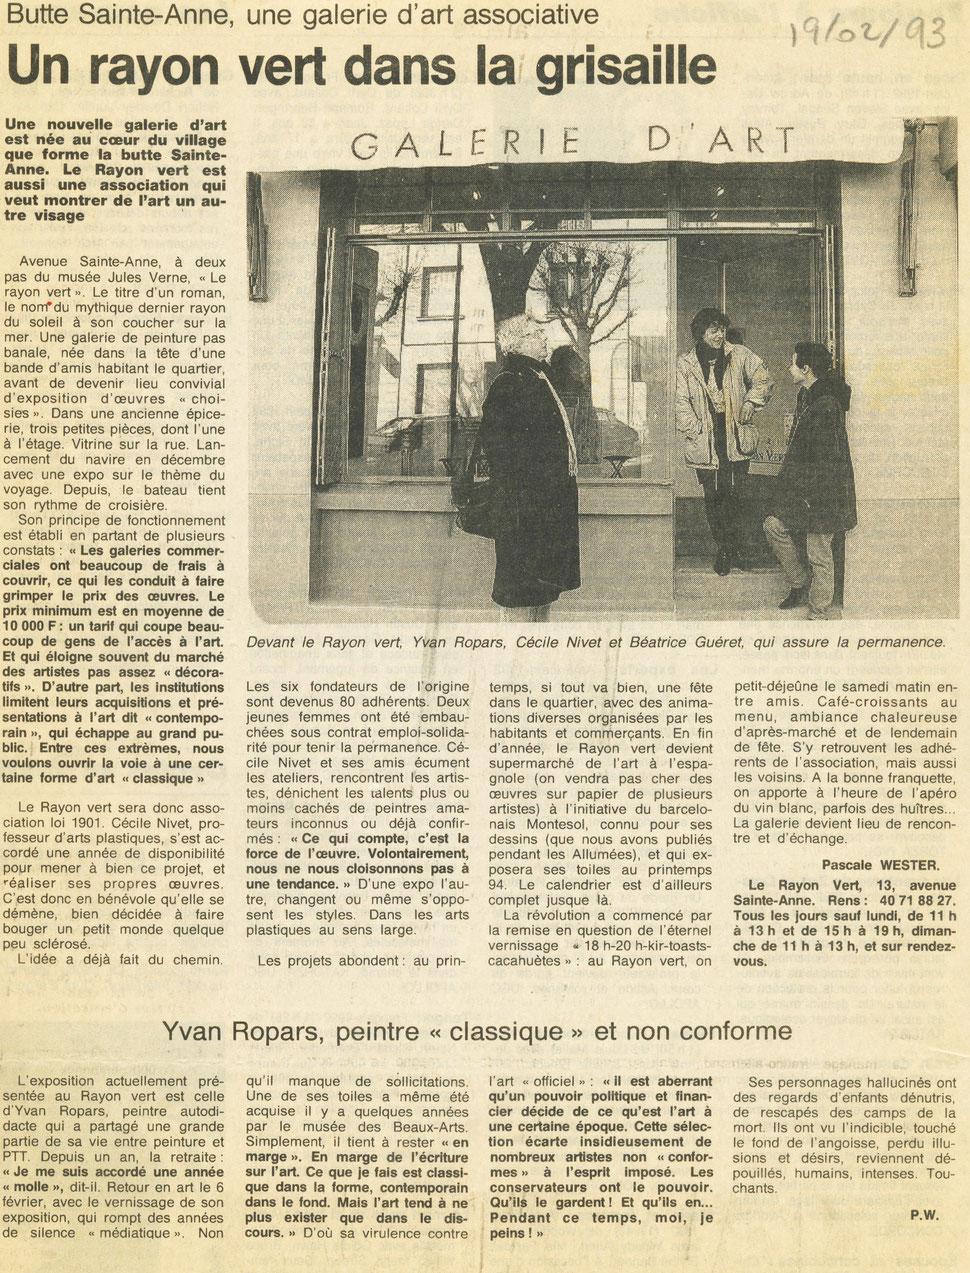 Ouest-France 19 février 1993